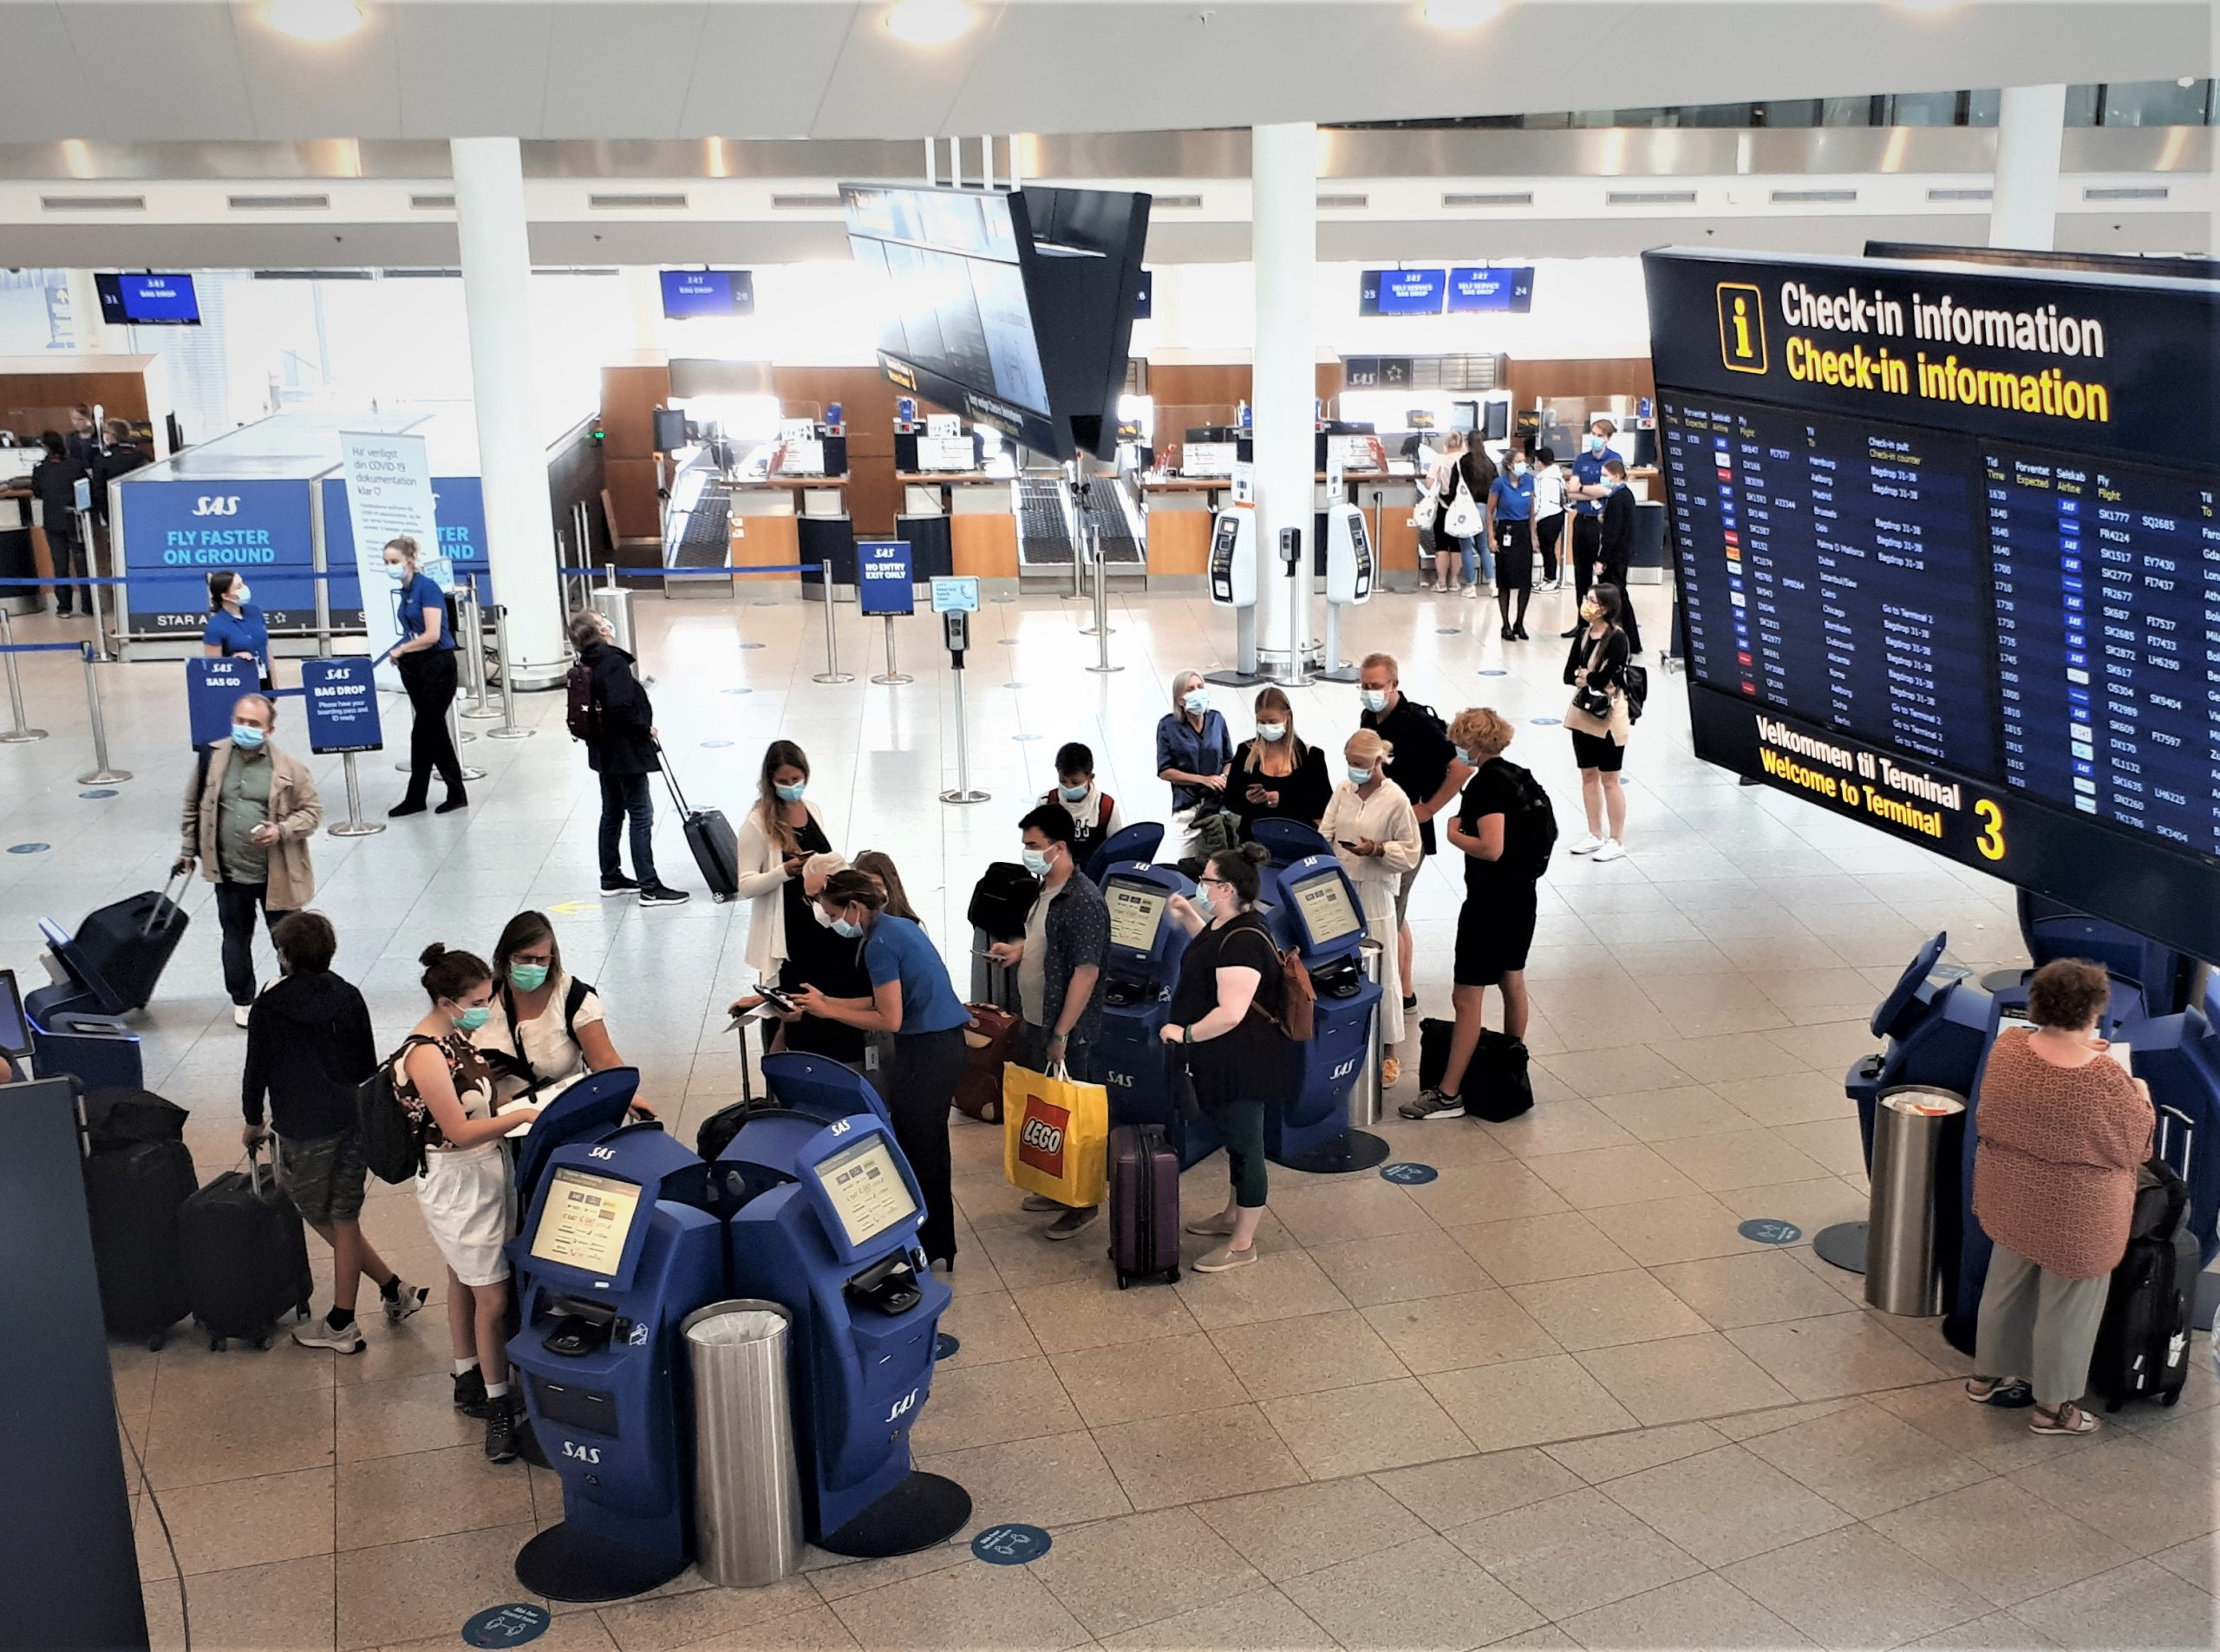 Den 31. oktober udløber den nuværende model for de danske rejsevejledninger, der er aftalt af Folketingets partier. De mødes i morgen for at drøfte, hvad der skal ske fra 1. november. Arkivfoto fra Københavns Lufthavn: Henrik Baumgarten.